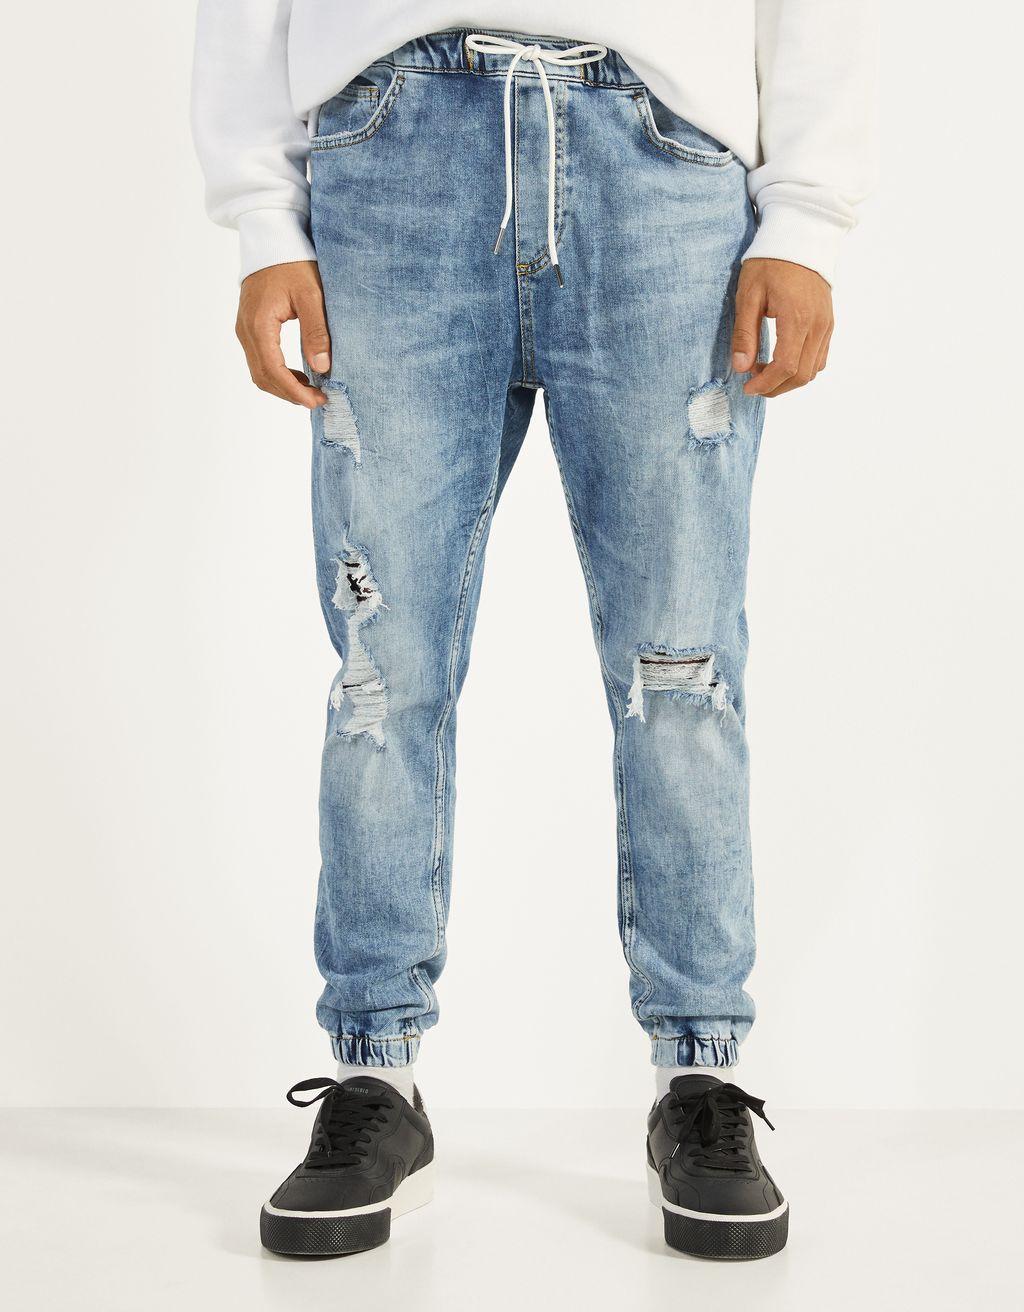 Jeans jogger com rasgões